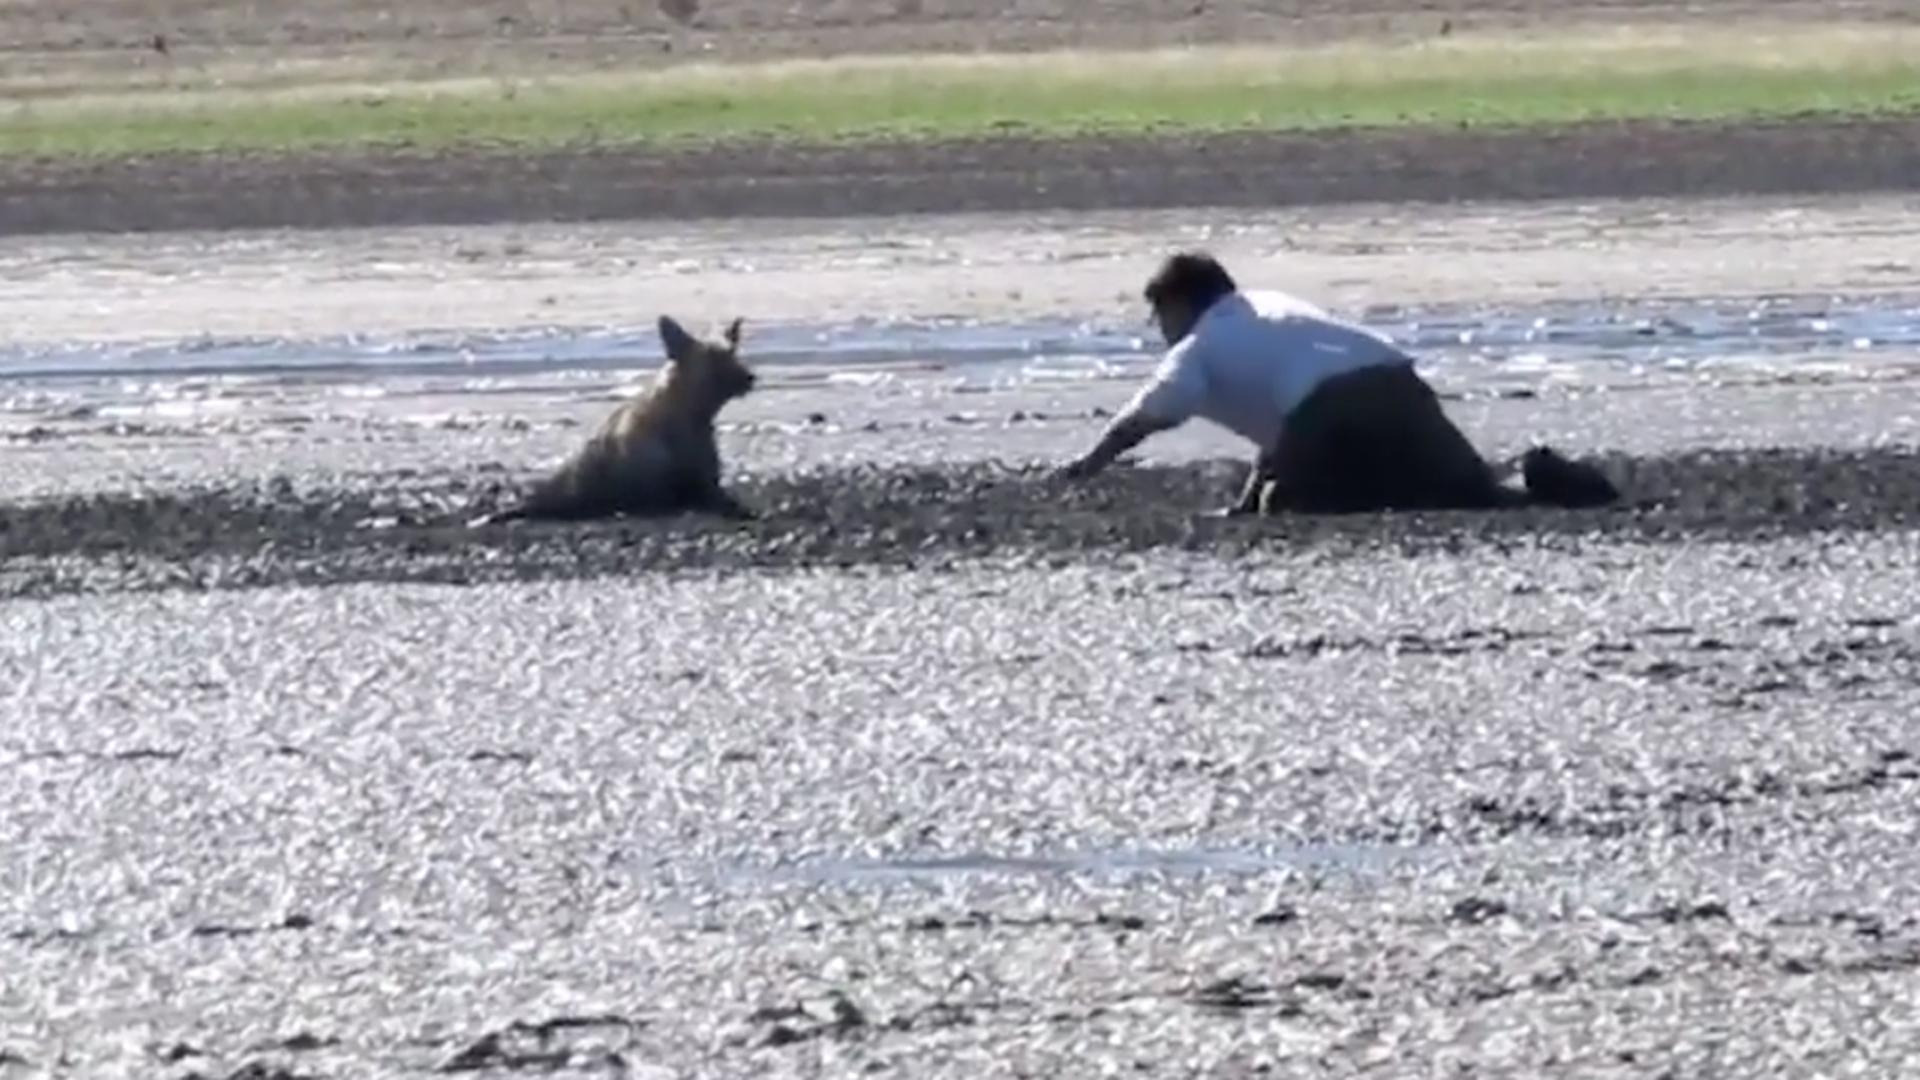 Vídeo: Homem salva cachorro preso na lama e cercado de urubus